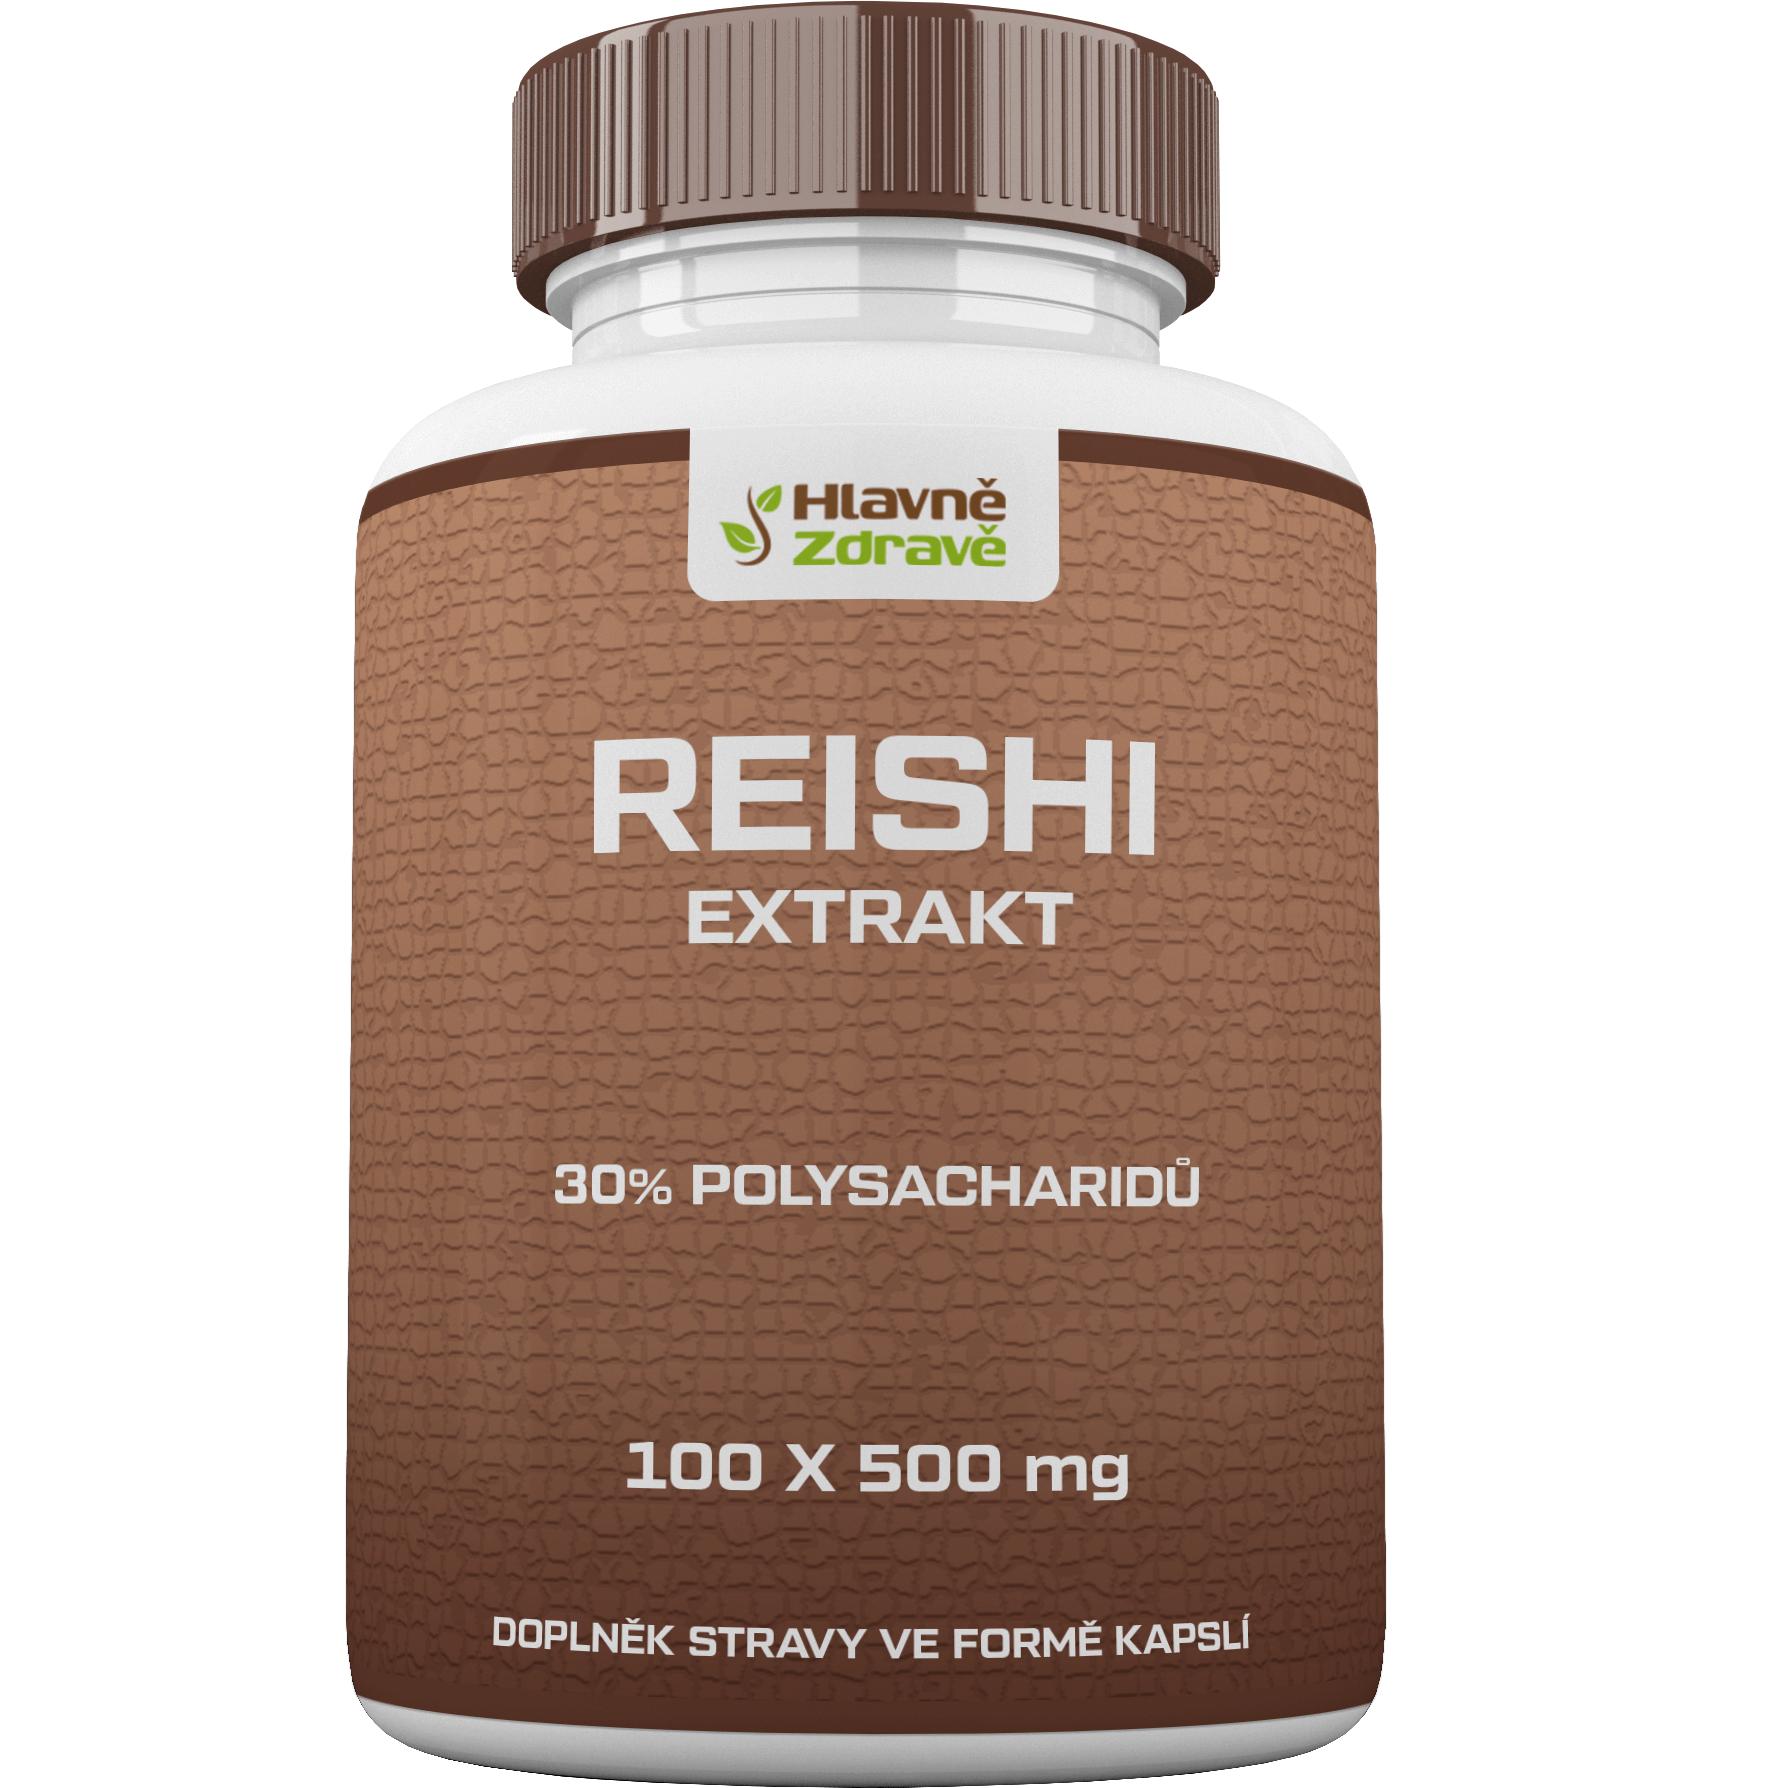 reishi extrakt prášek 30% polysacharidů 100 kapslí x 500mg